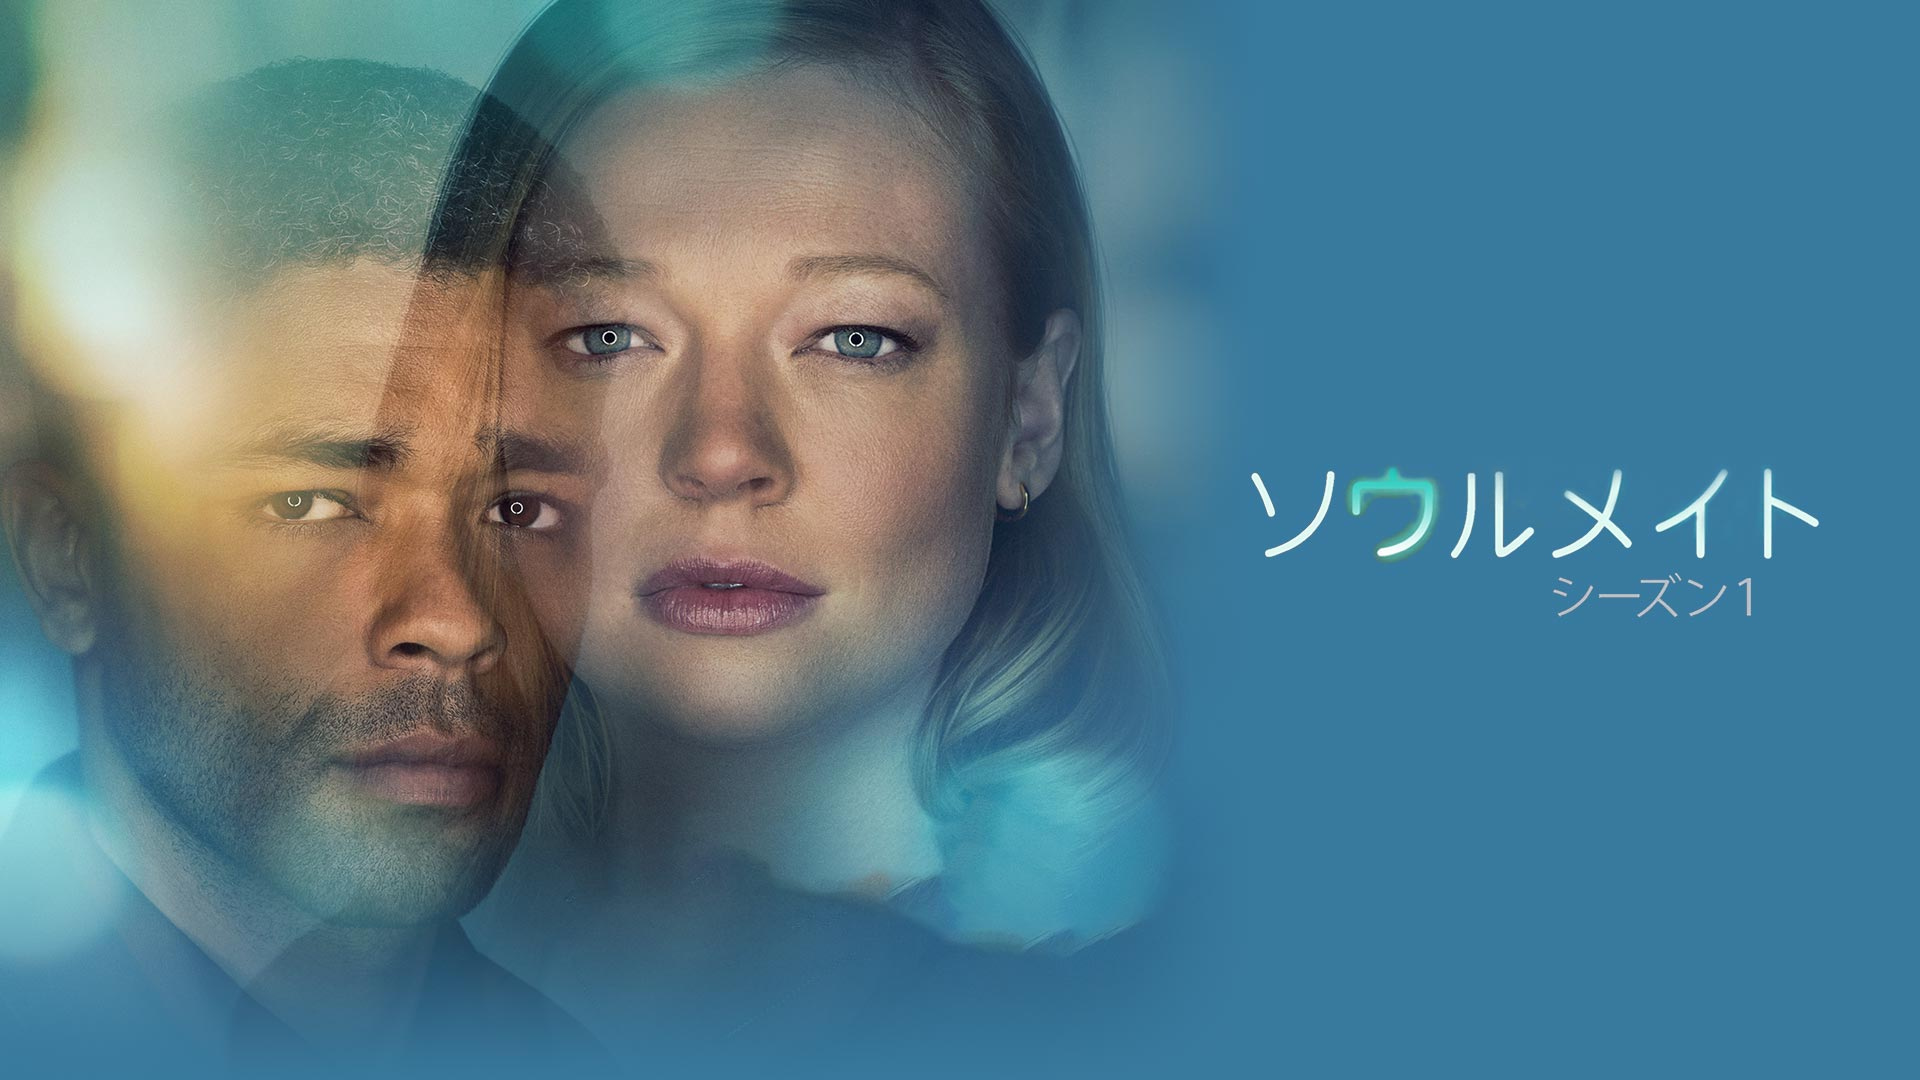 ソウルメイト - シーズン01